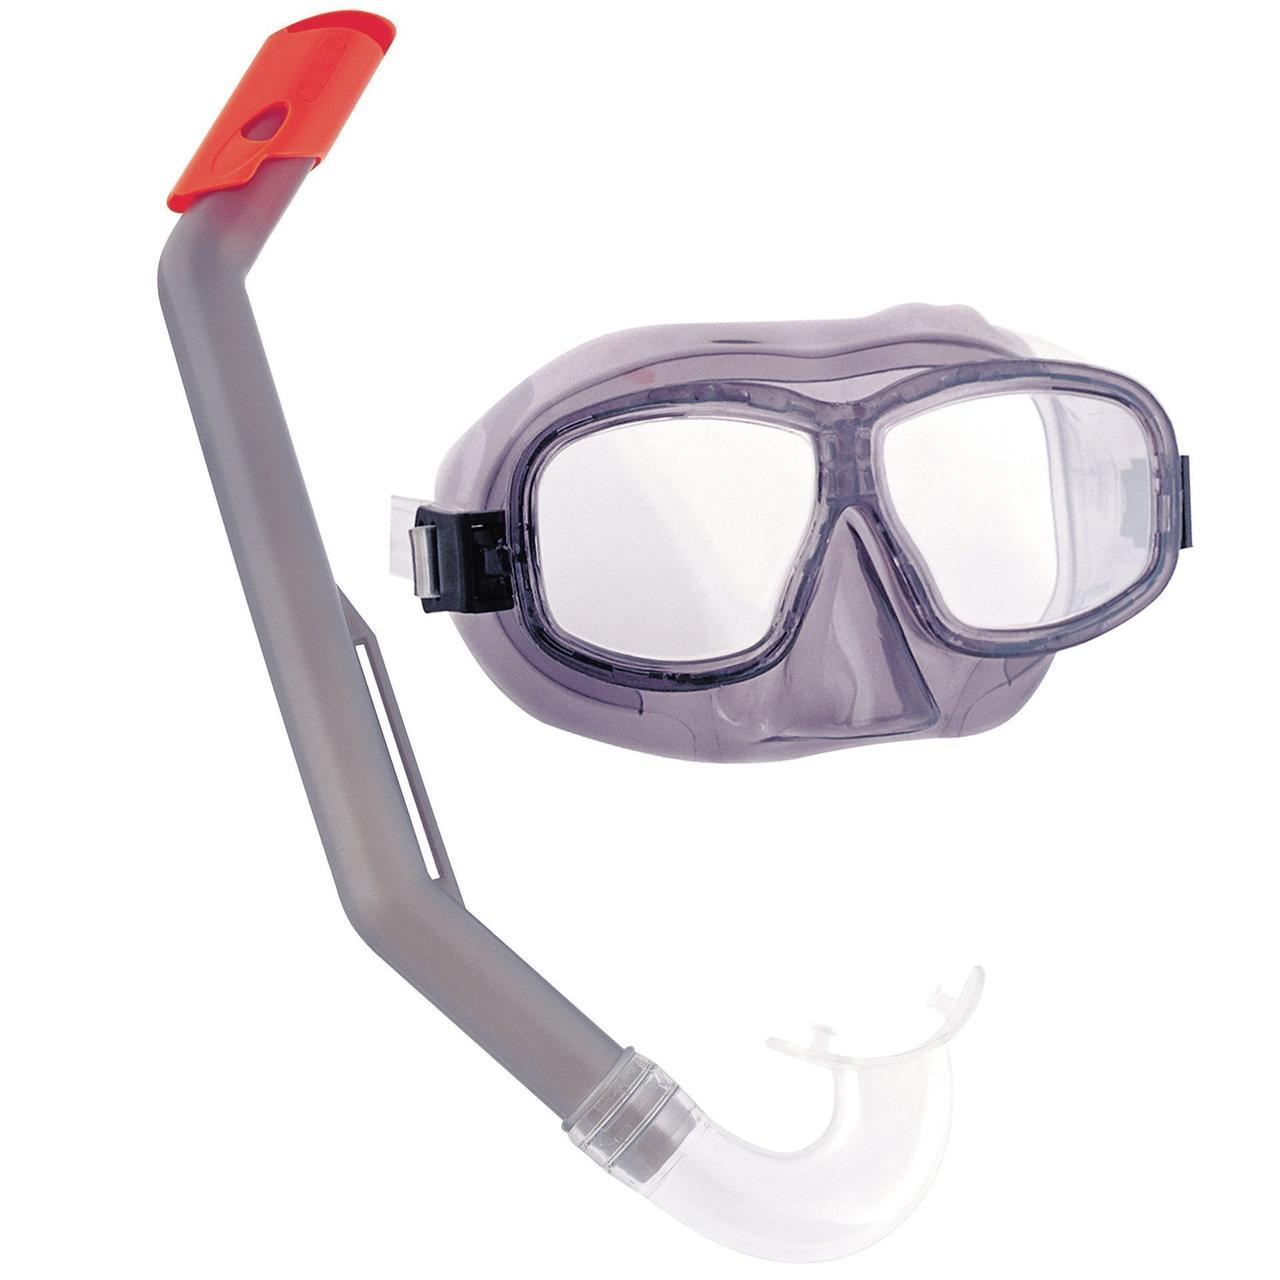 Набор 2 в 1 для плавания Bestway 24016 (маска: M (8+) 55 см, трубка), серая